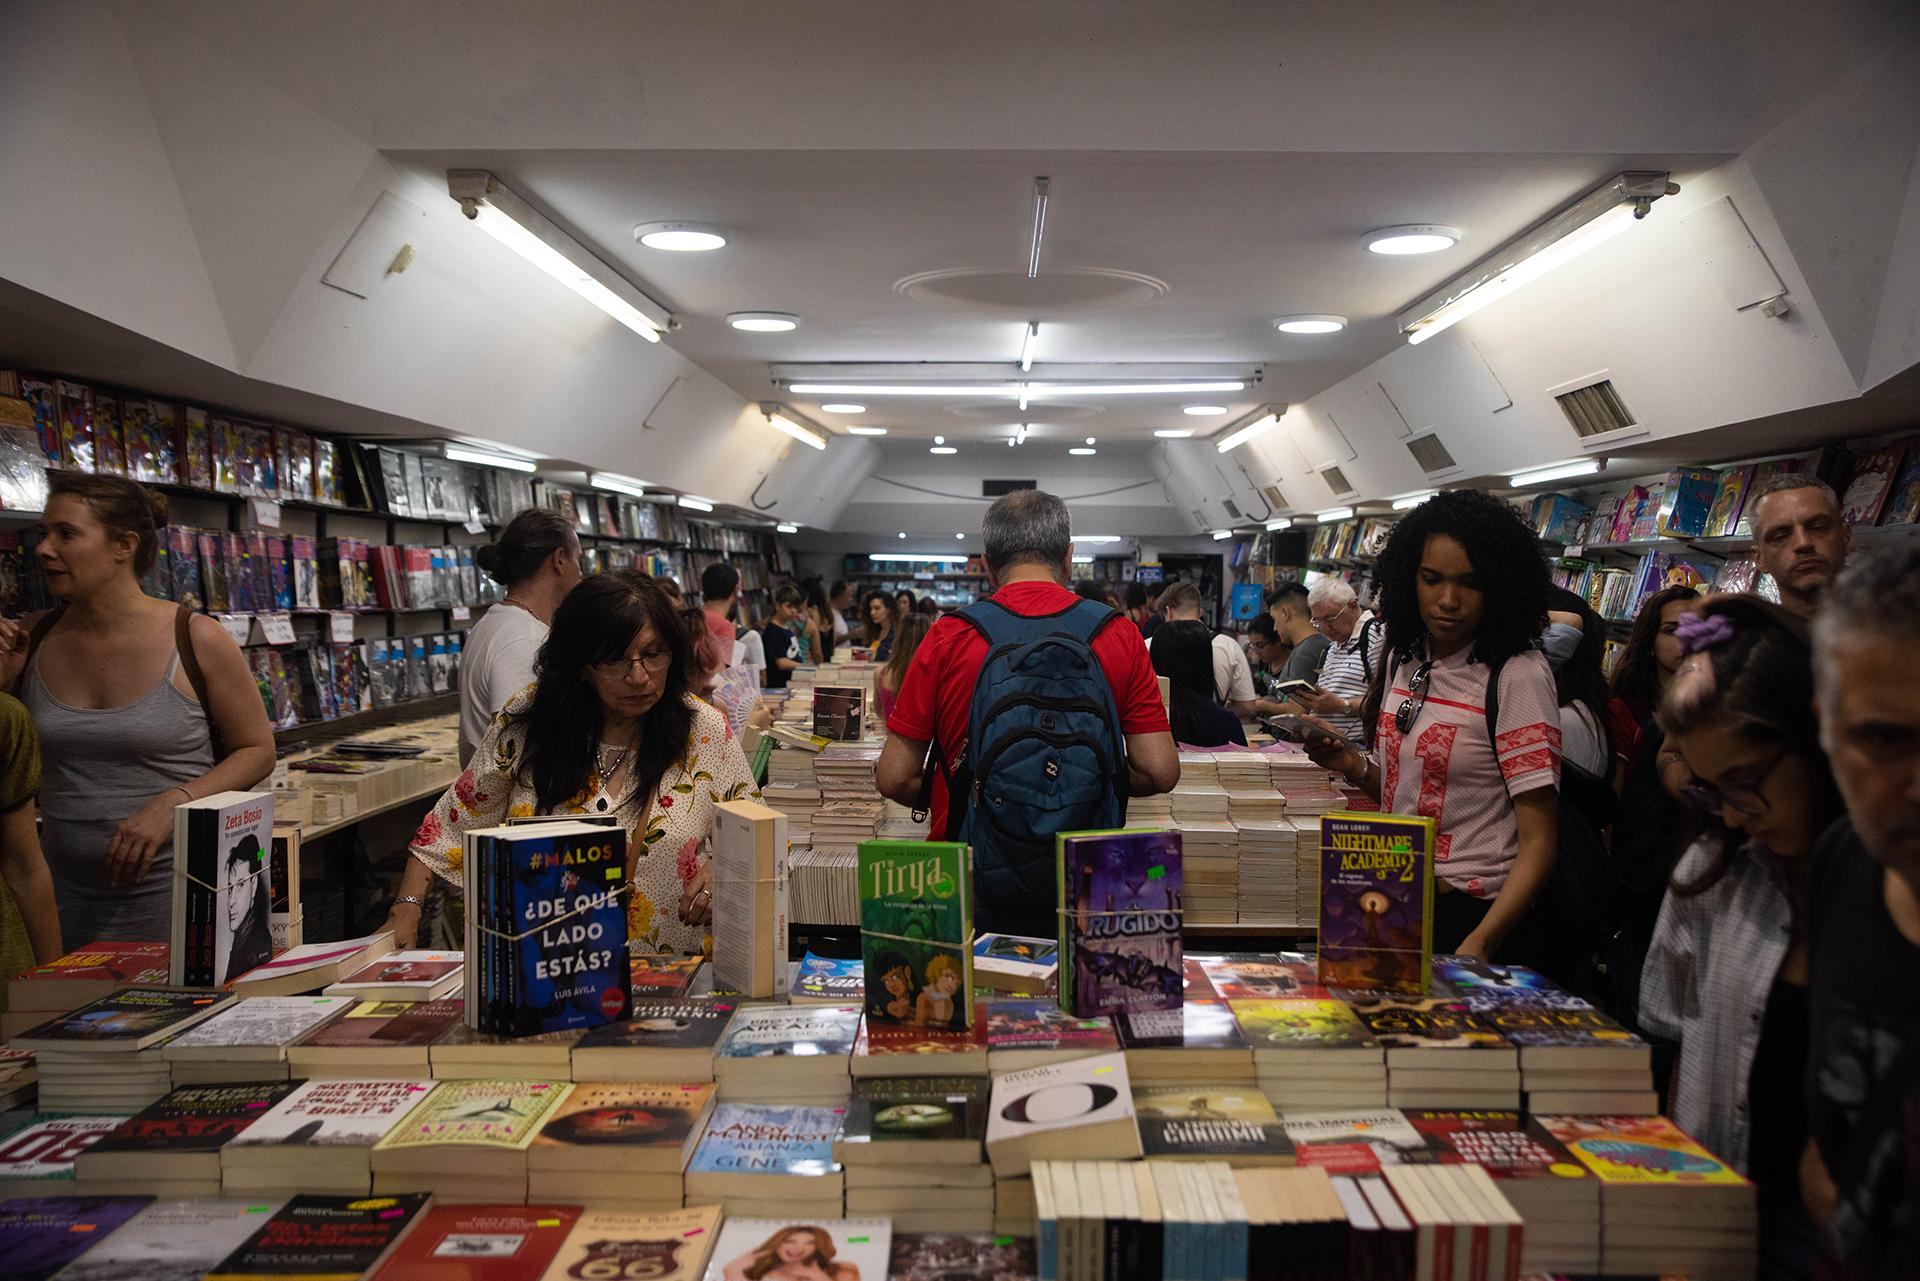 Una de las librerías que participó del evento.